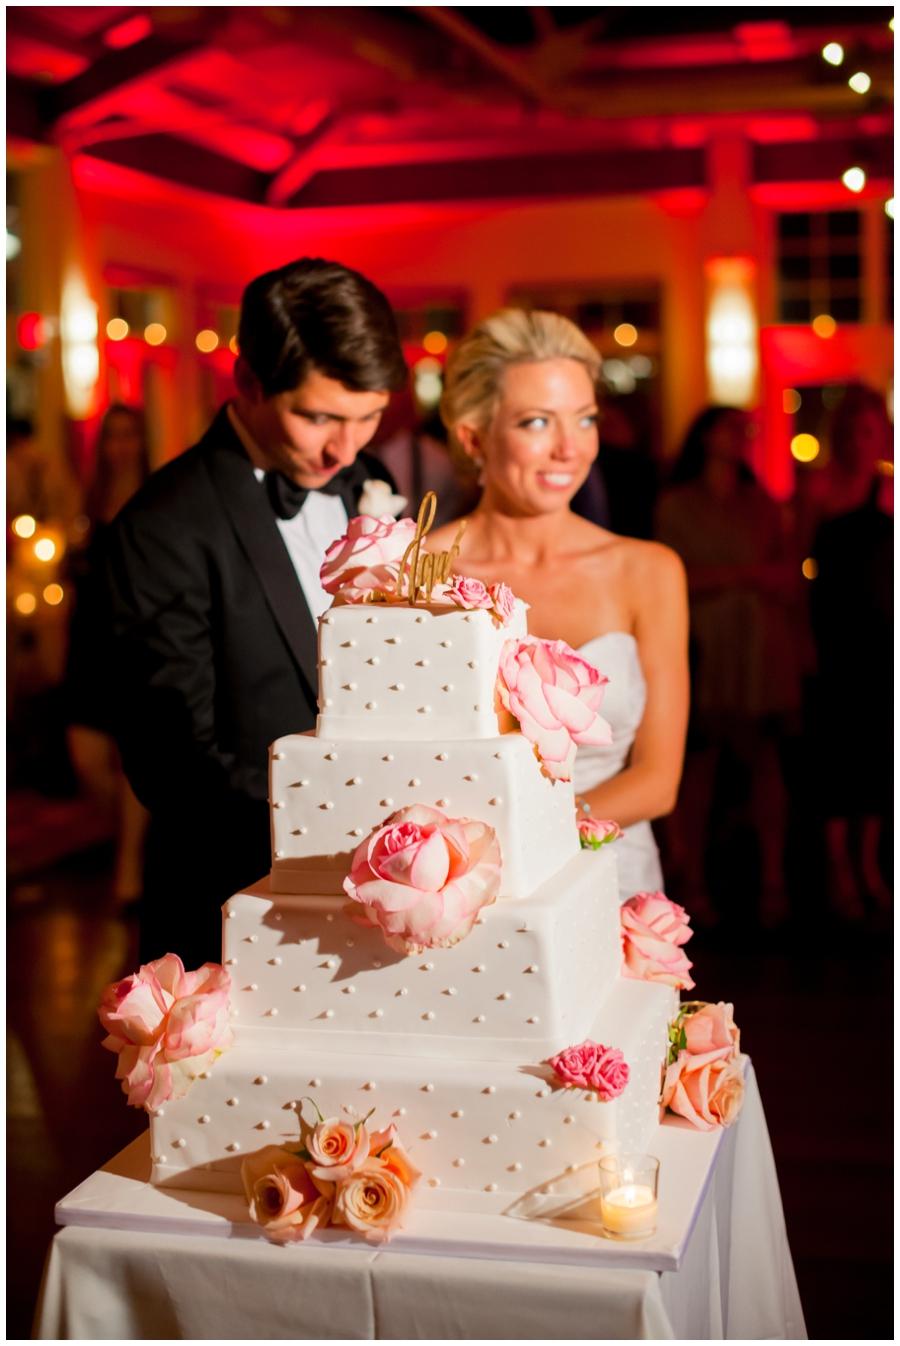 Ariane Moshayedi Photography - Wedding Photographer Orange County Newport Beach_0266.jpg